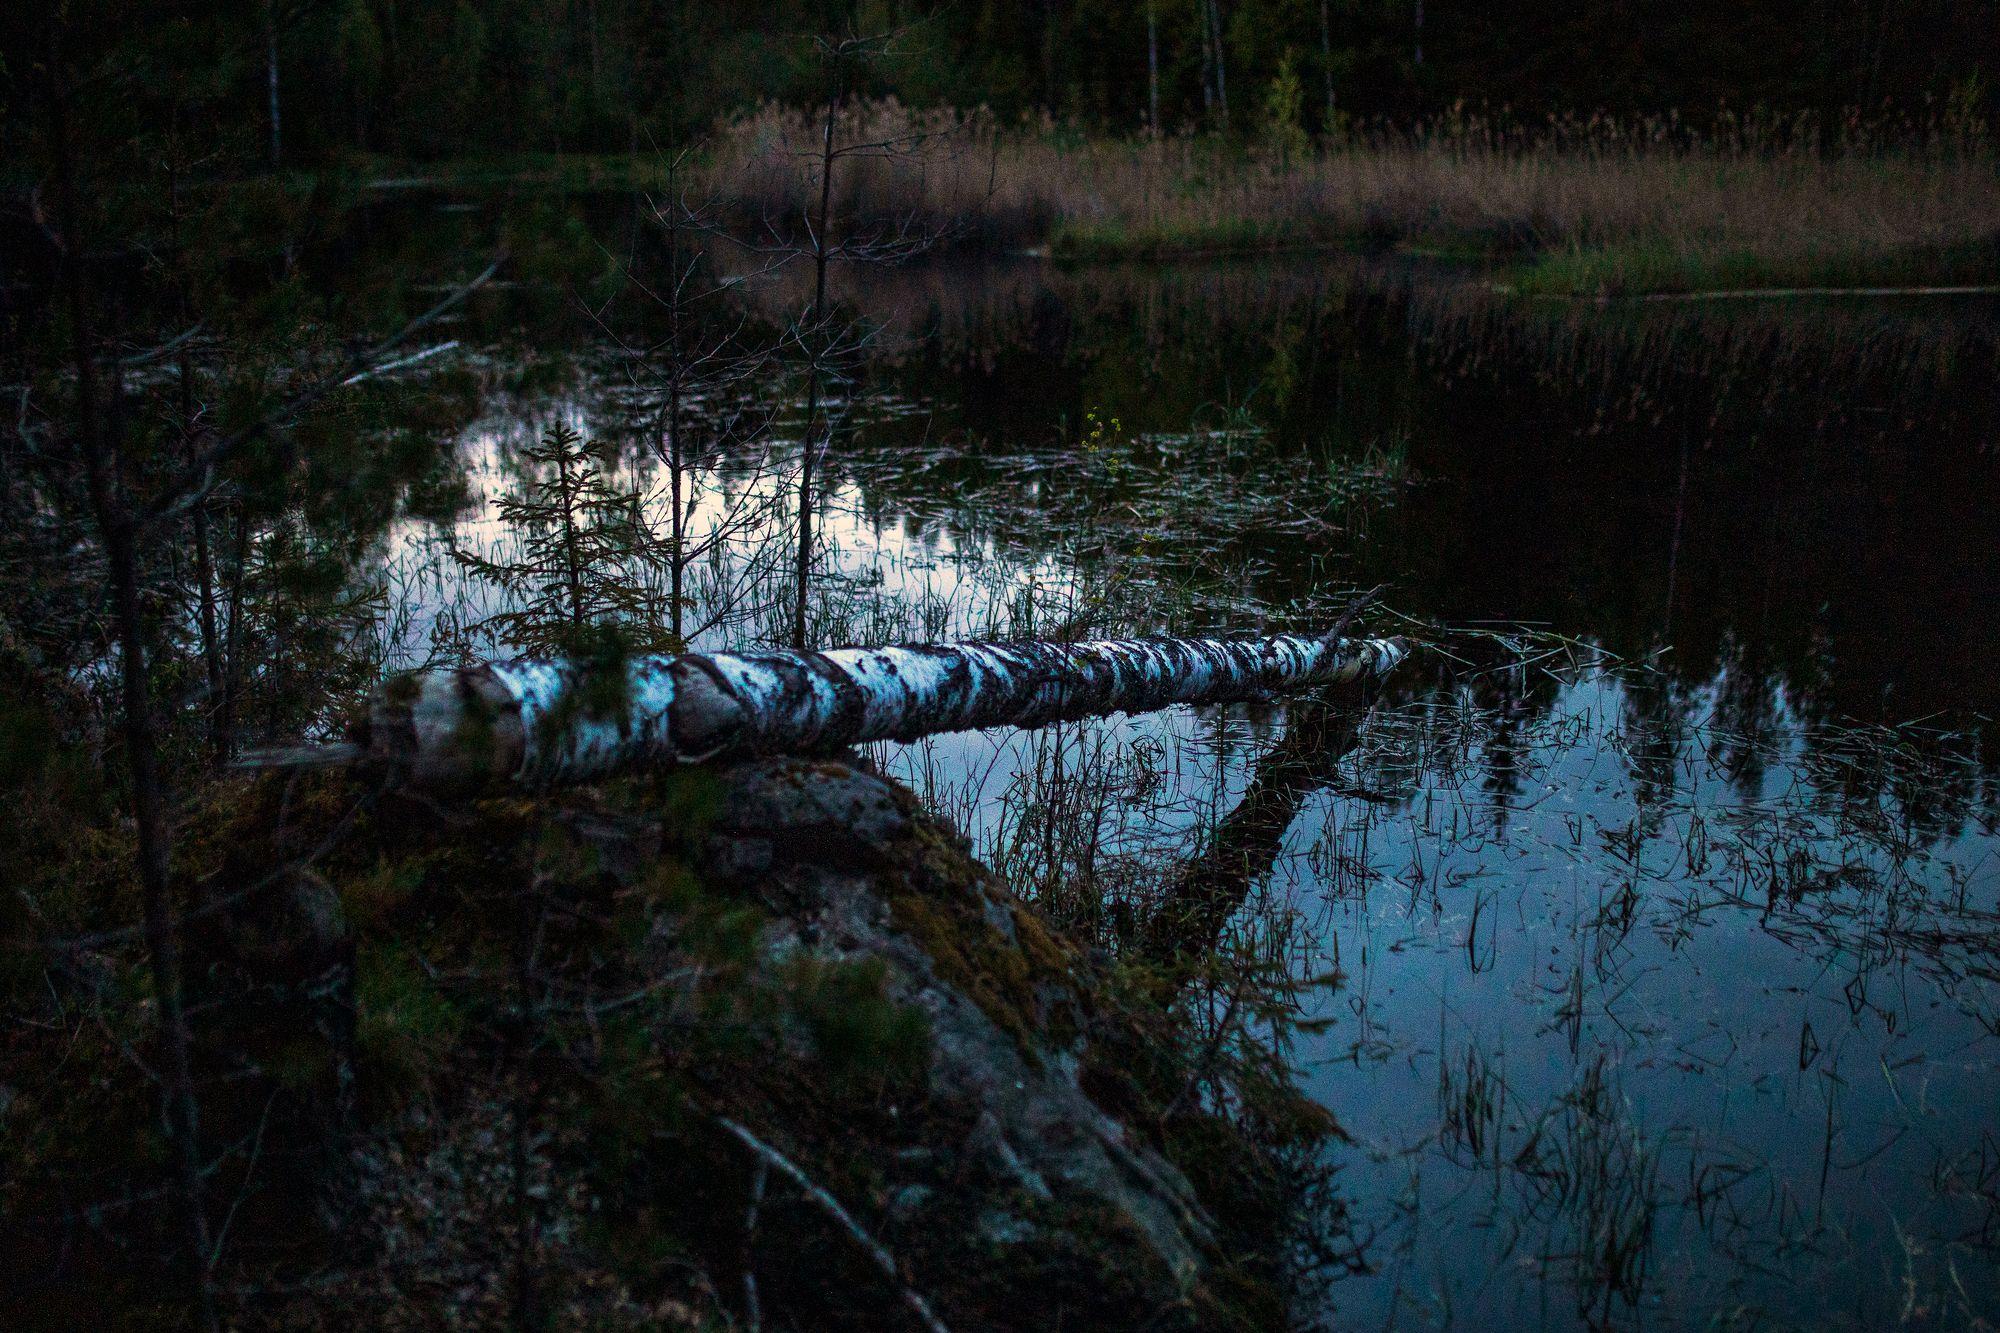 Haapa on majavan suurinta herkkua, mutta se kaataa myös koivuja ja raitaa, ja hädän hetkellä maistuu myös havupuu. © Tommi Mattila